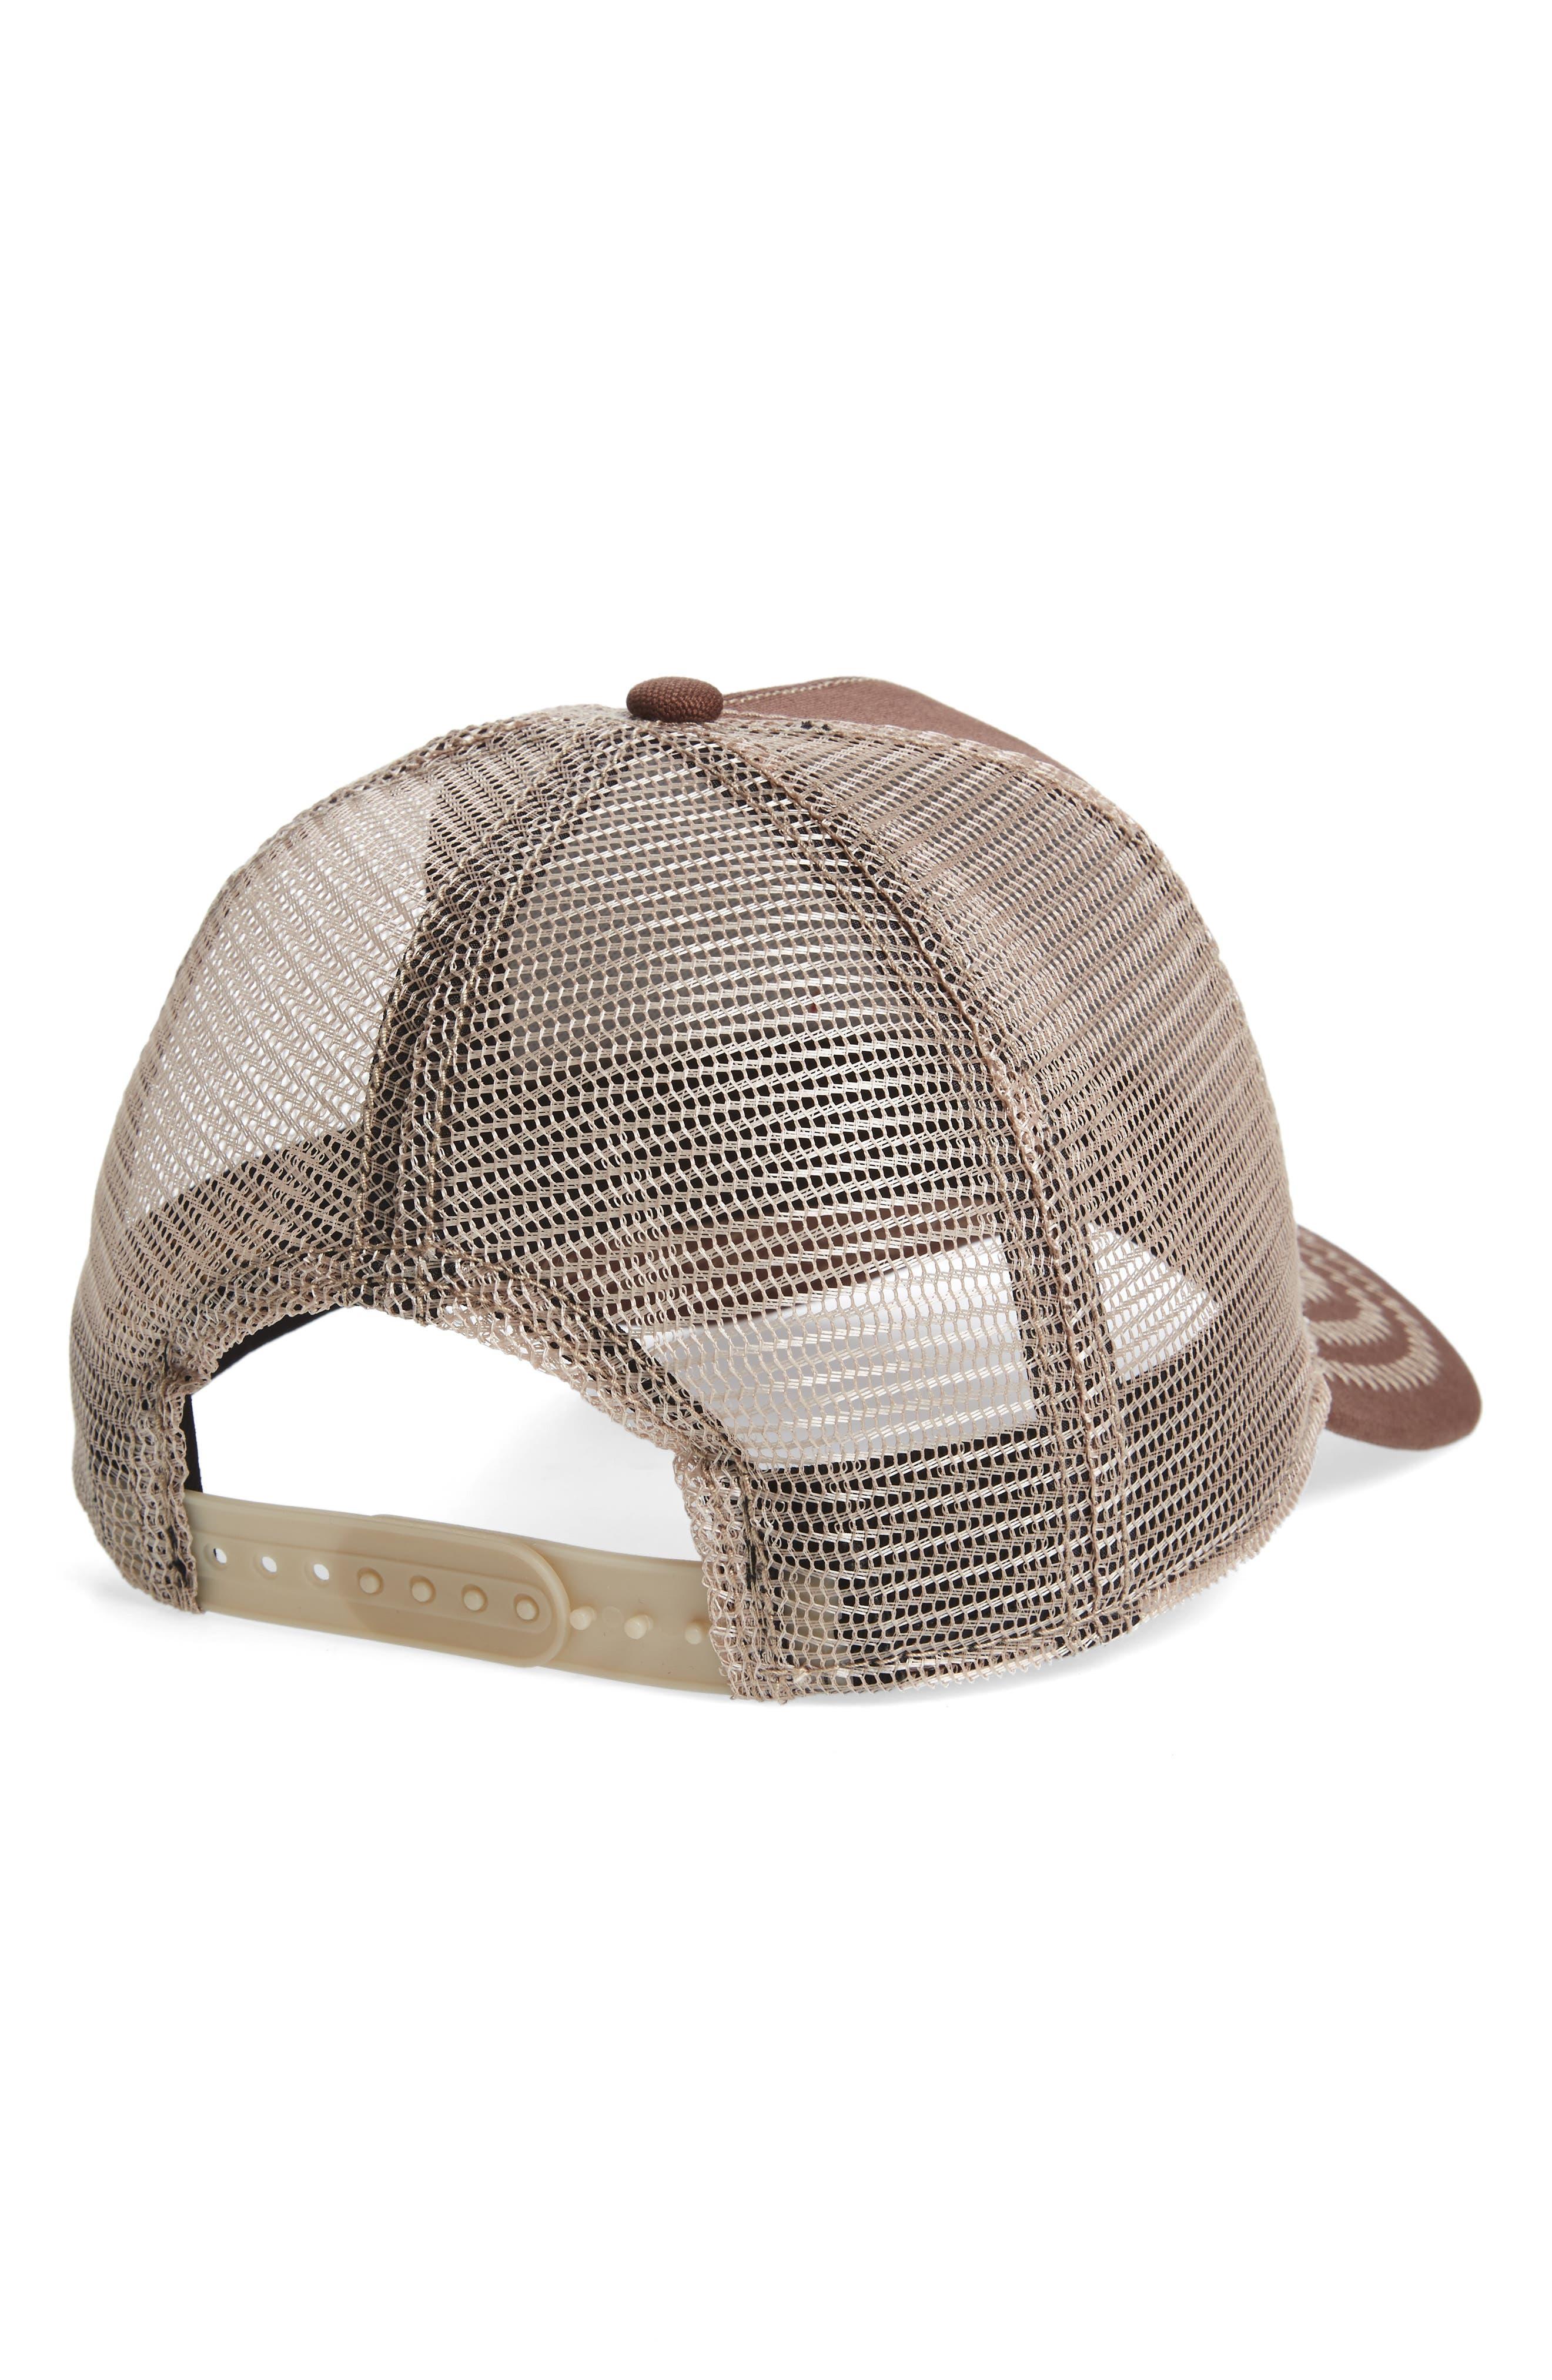 Animal Farm Beaver Mesh Trucker Hat,                             Alternate thumbnail 2, color,                             BROWN